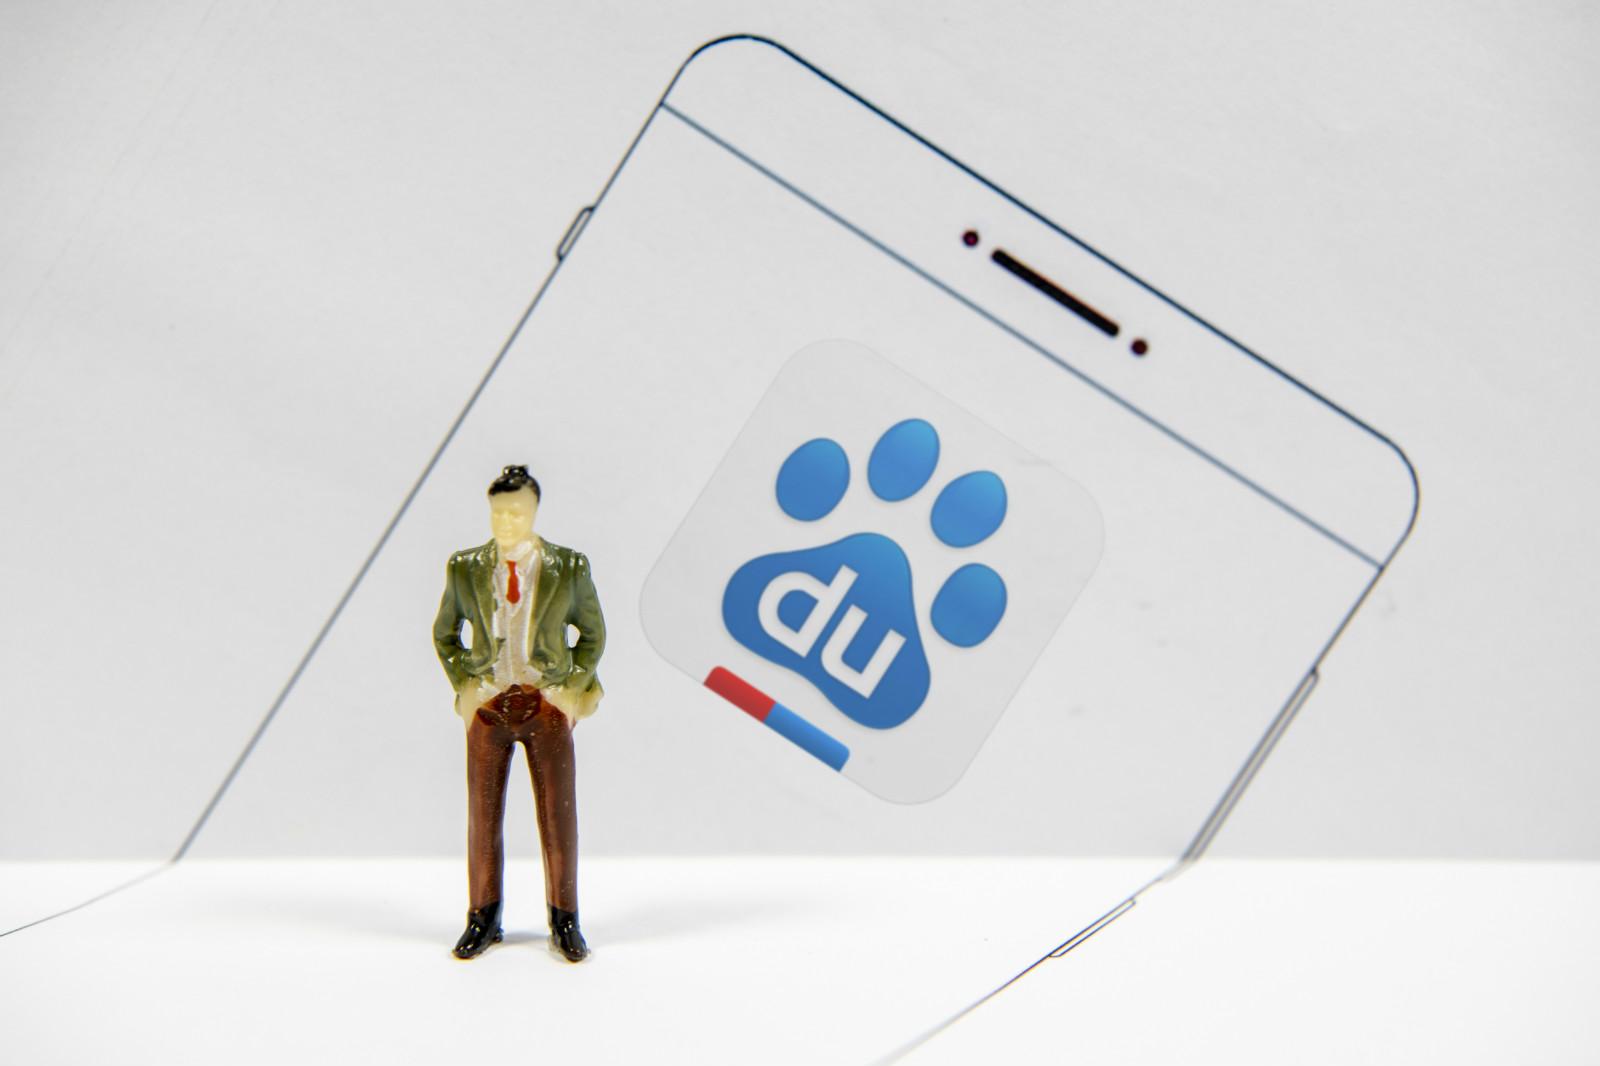 网易市值超越百度,互联网巨头格局面临重新洗牌